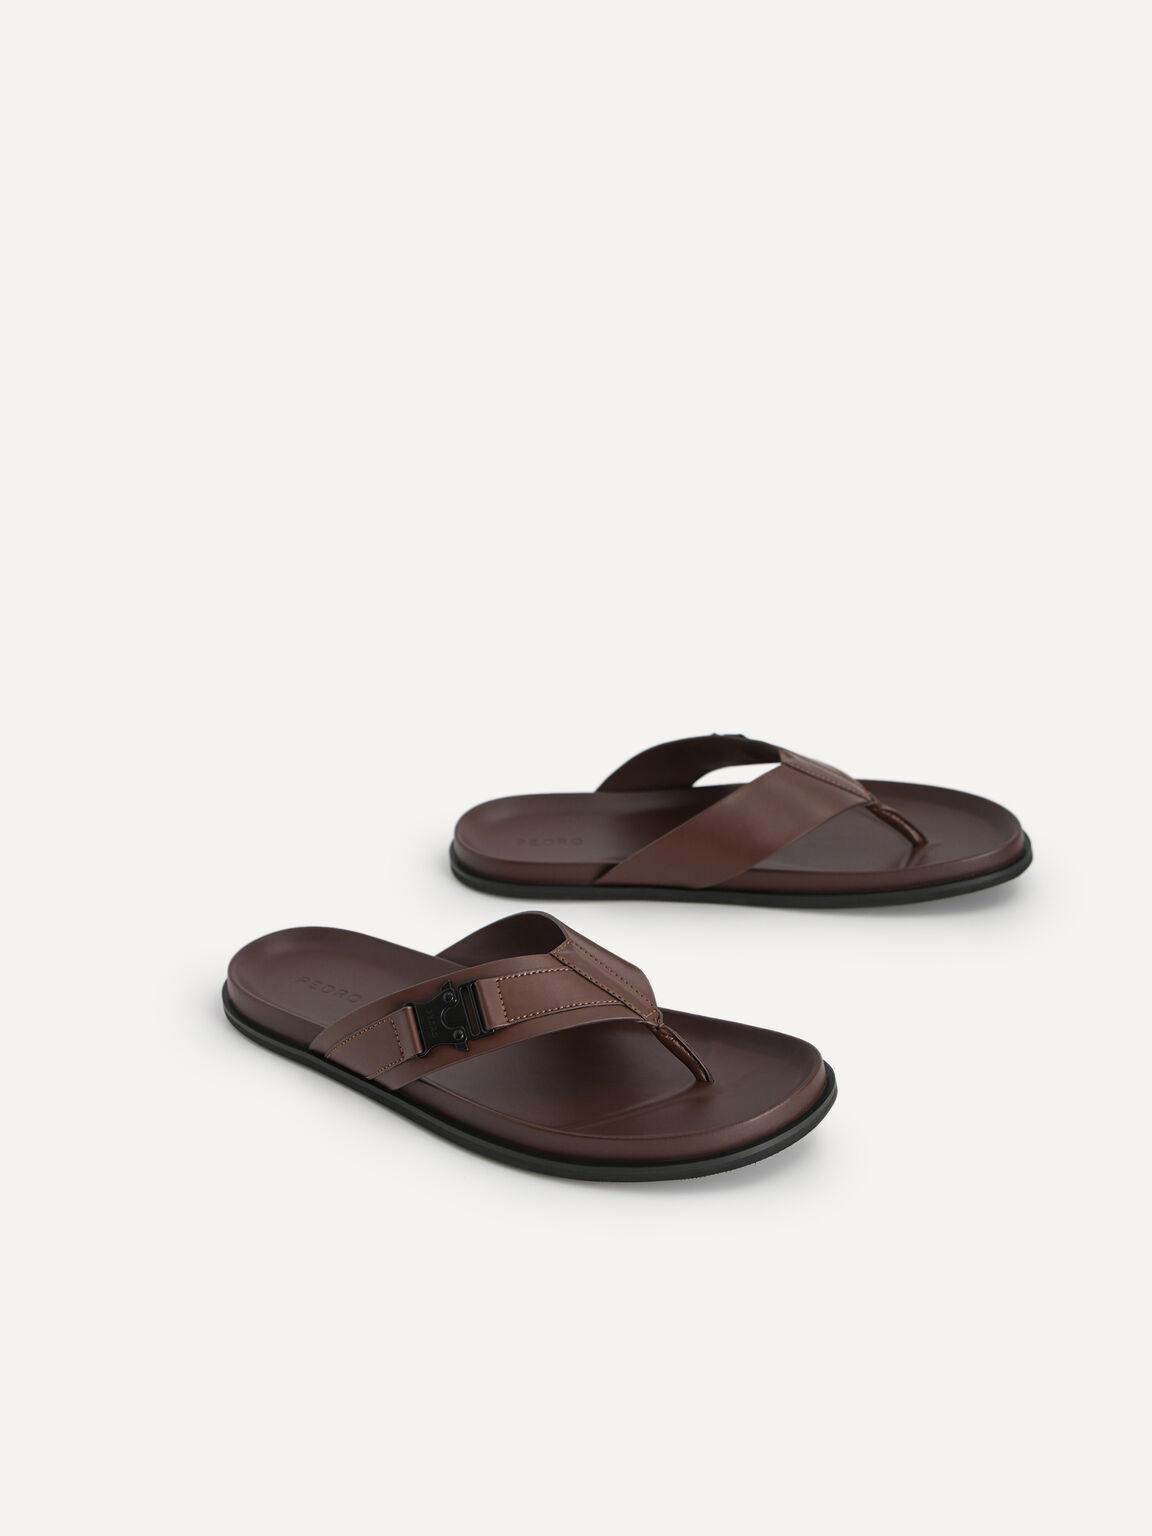 Thong Sandals, Dark Brown, hi-res